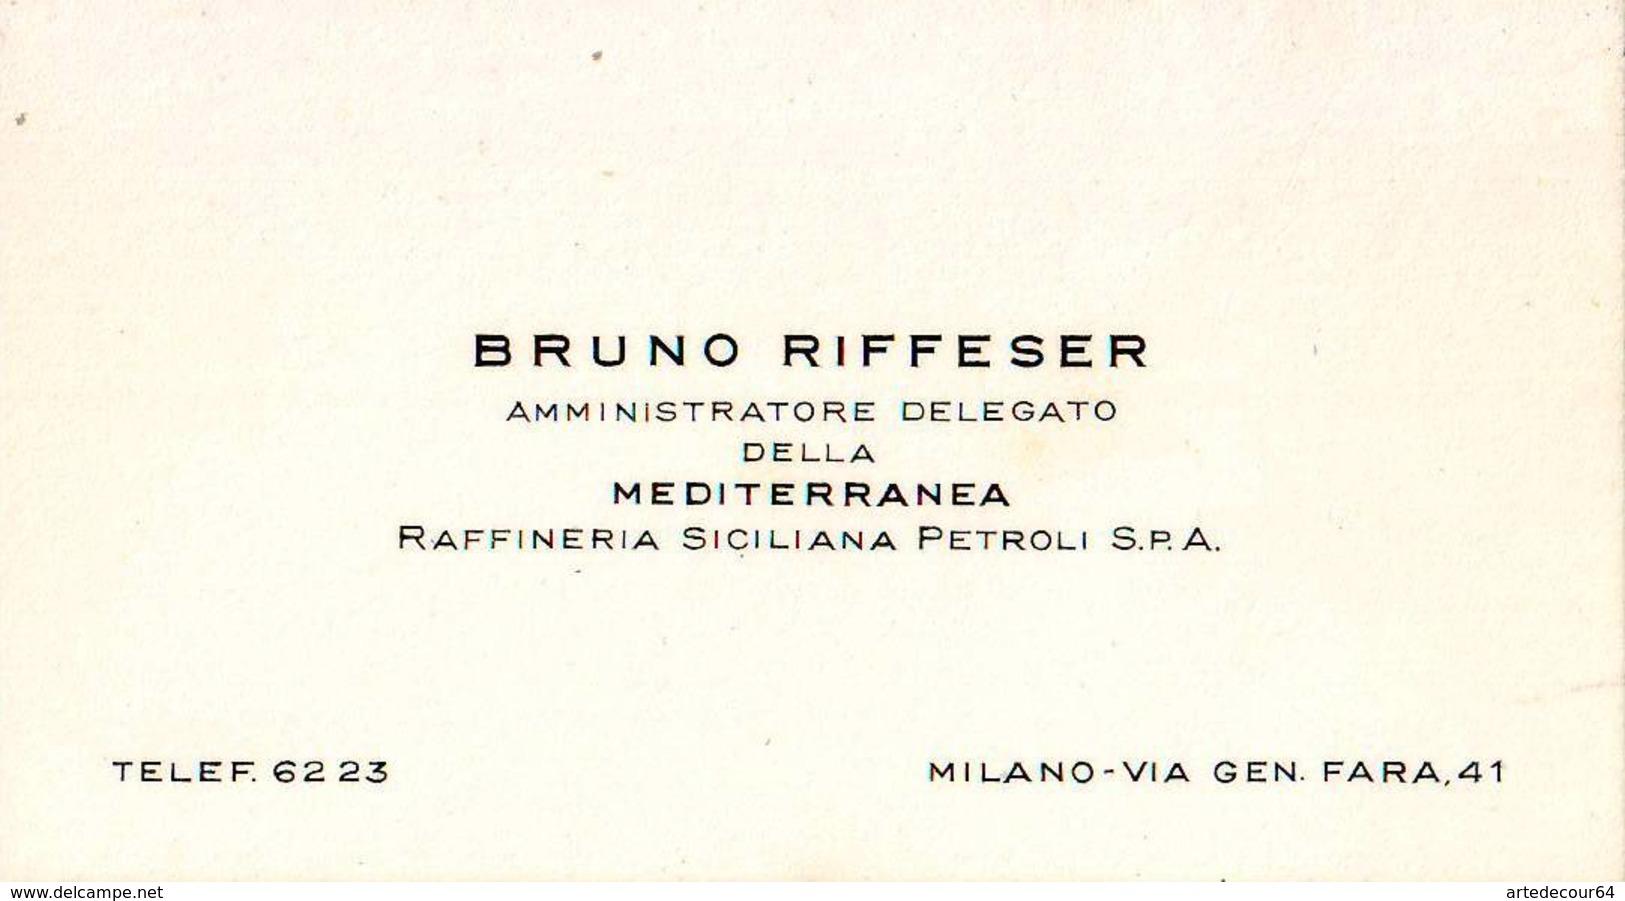 Biglietto Da Visita - Bruno Riffeser Amministratore Dellegato Mediterranea Raffineria Siciliana Petroli S.p.a. - Milano - Tarjetas De Visita